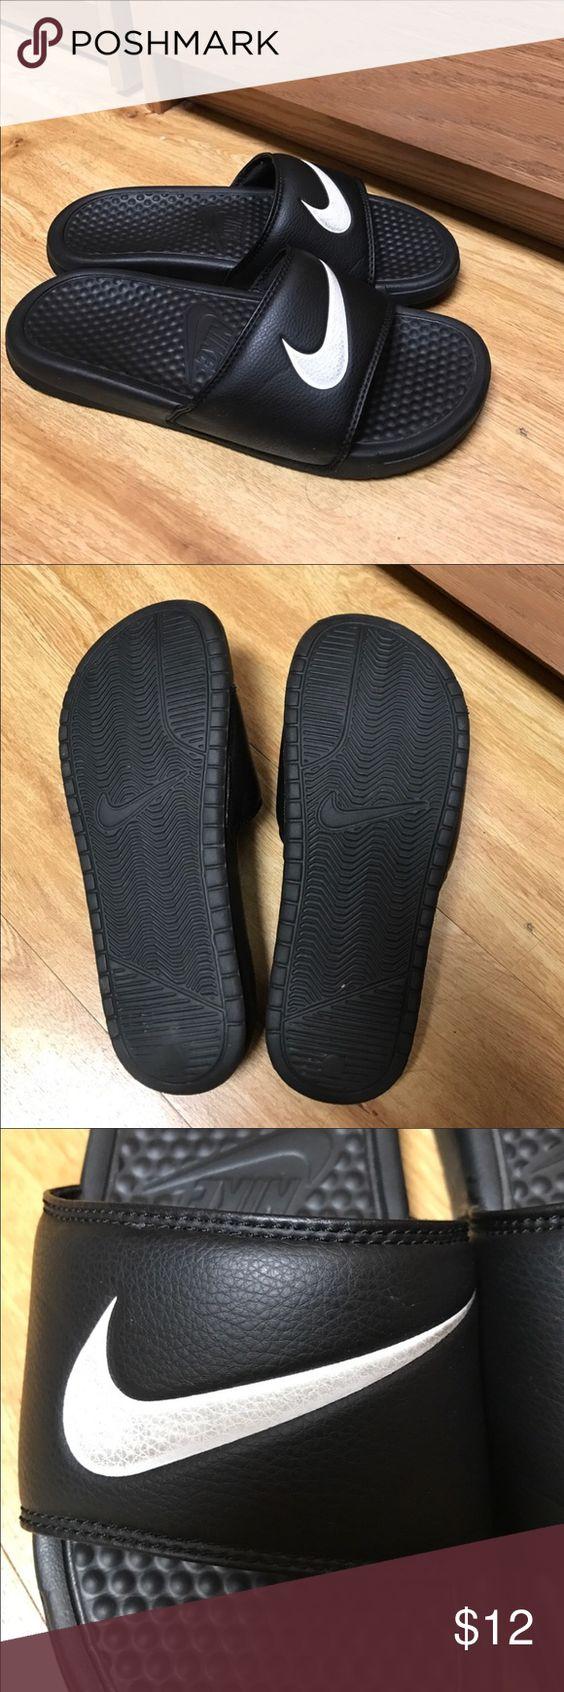 Black sandals size 7 - Nike Sandals Size 7 Nike Sandals Size 7 I Wear Shoe Size 7